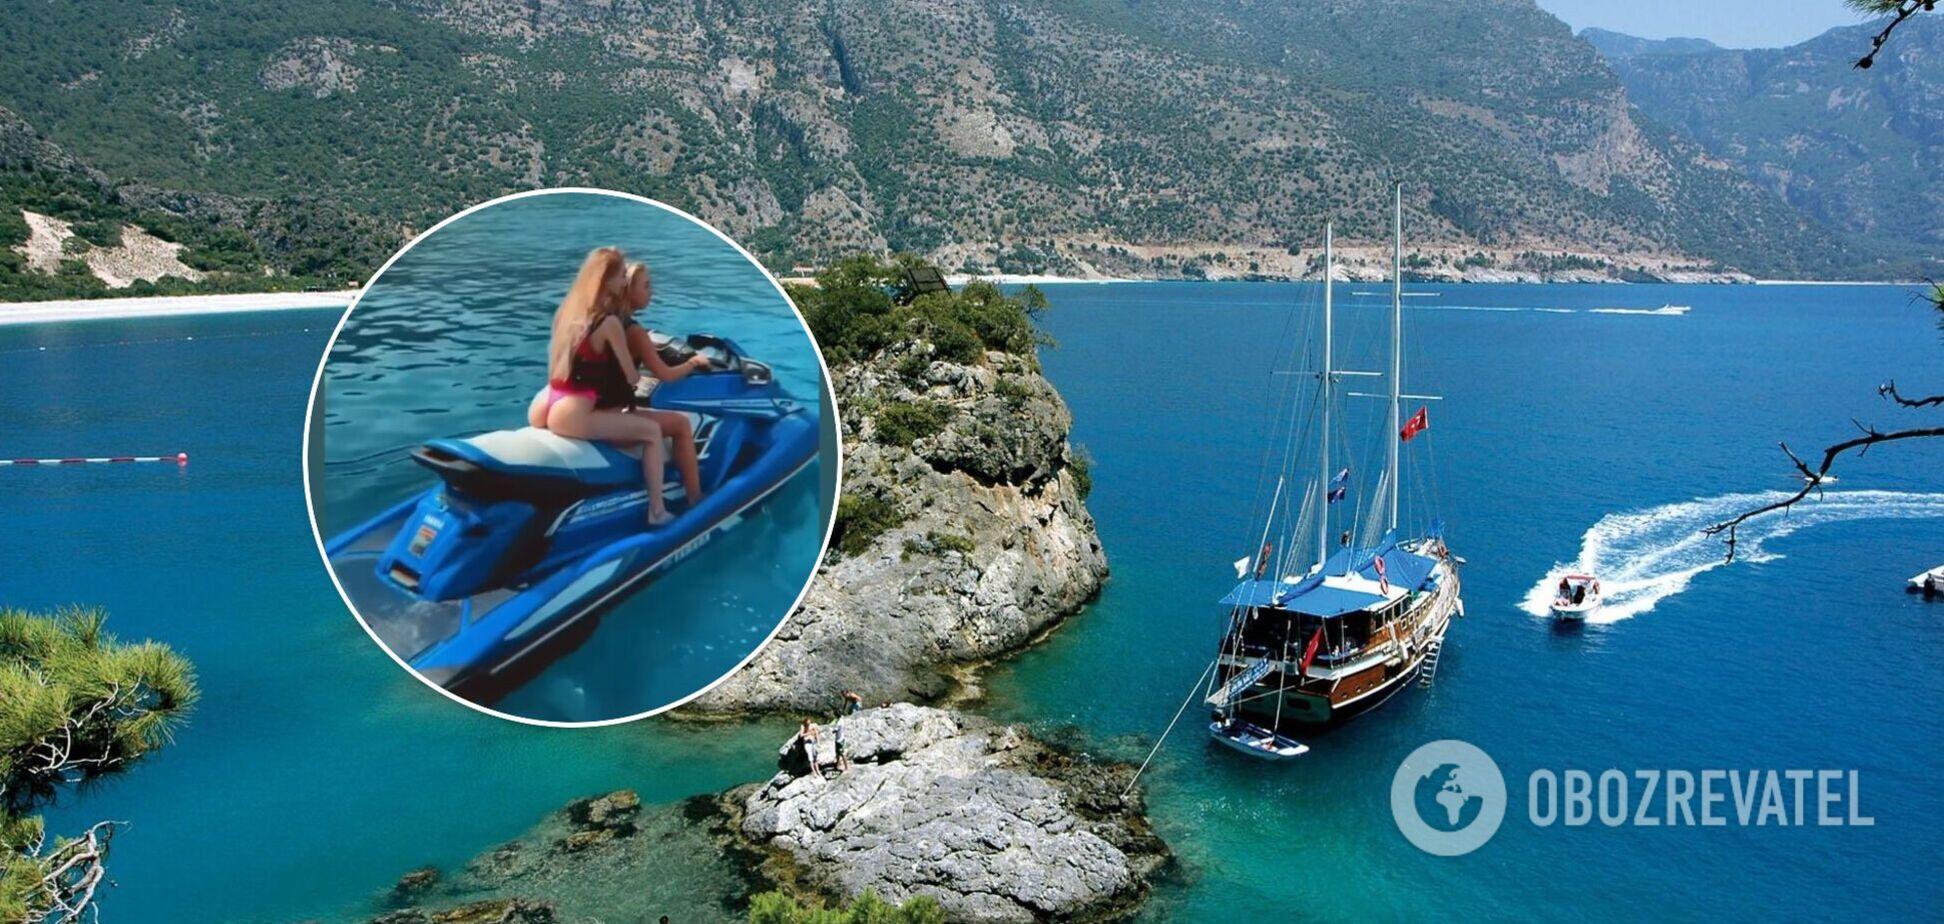 Учасниці голої фотосесії в Туреччині детально показали, як провели час на яхті. Фото